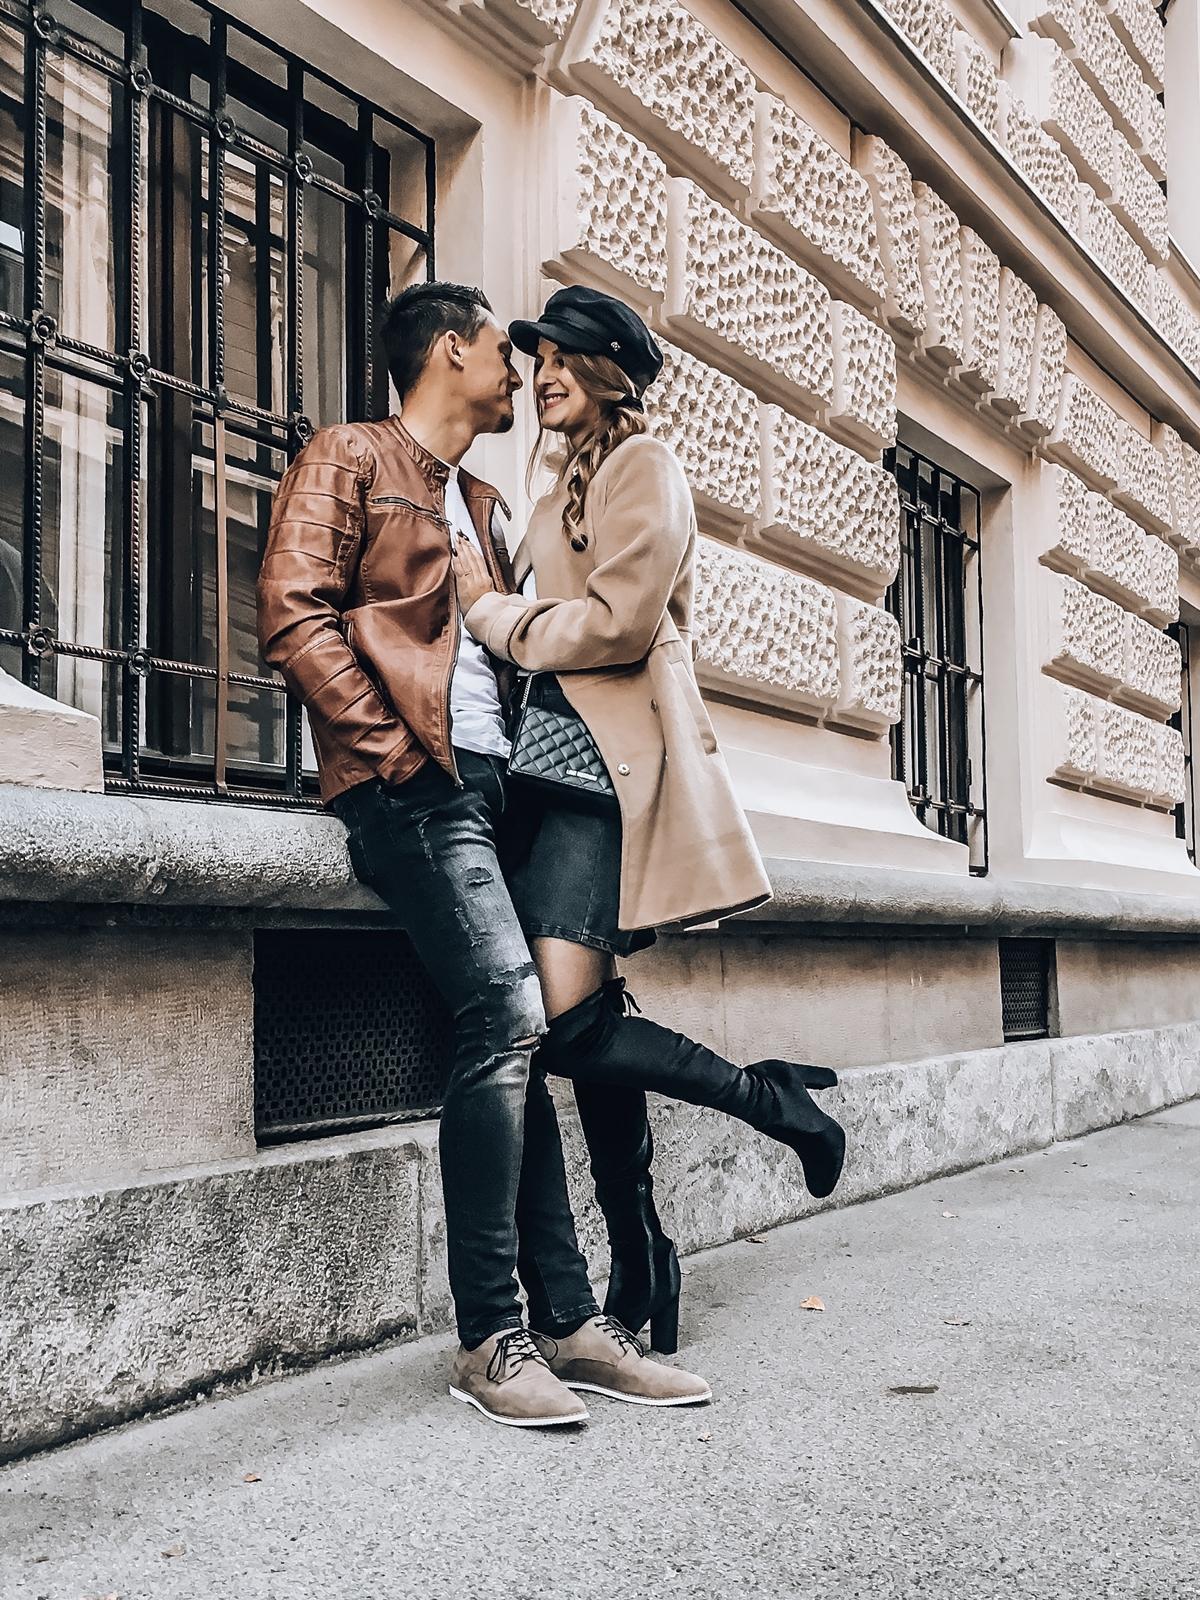 Partnerlook 10 Outfit Ideen Für Süße Pärchenlooks Fashionladyloves